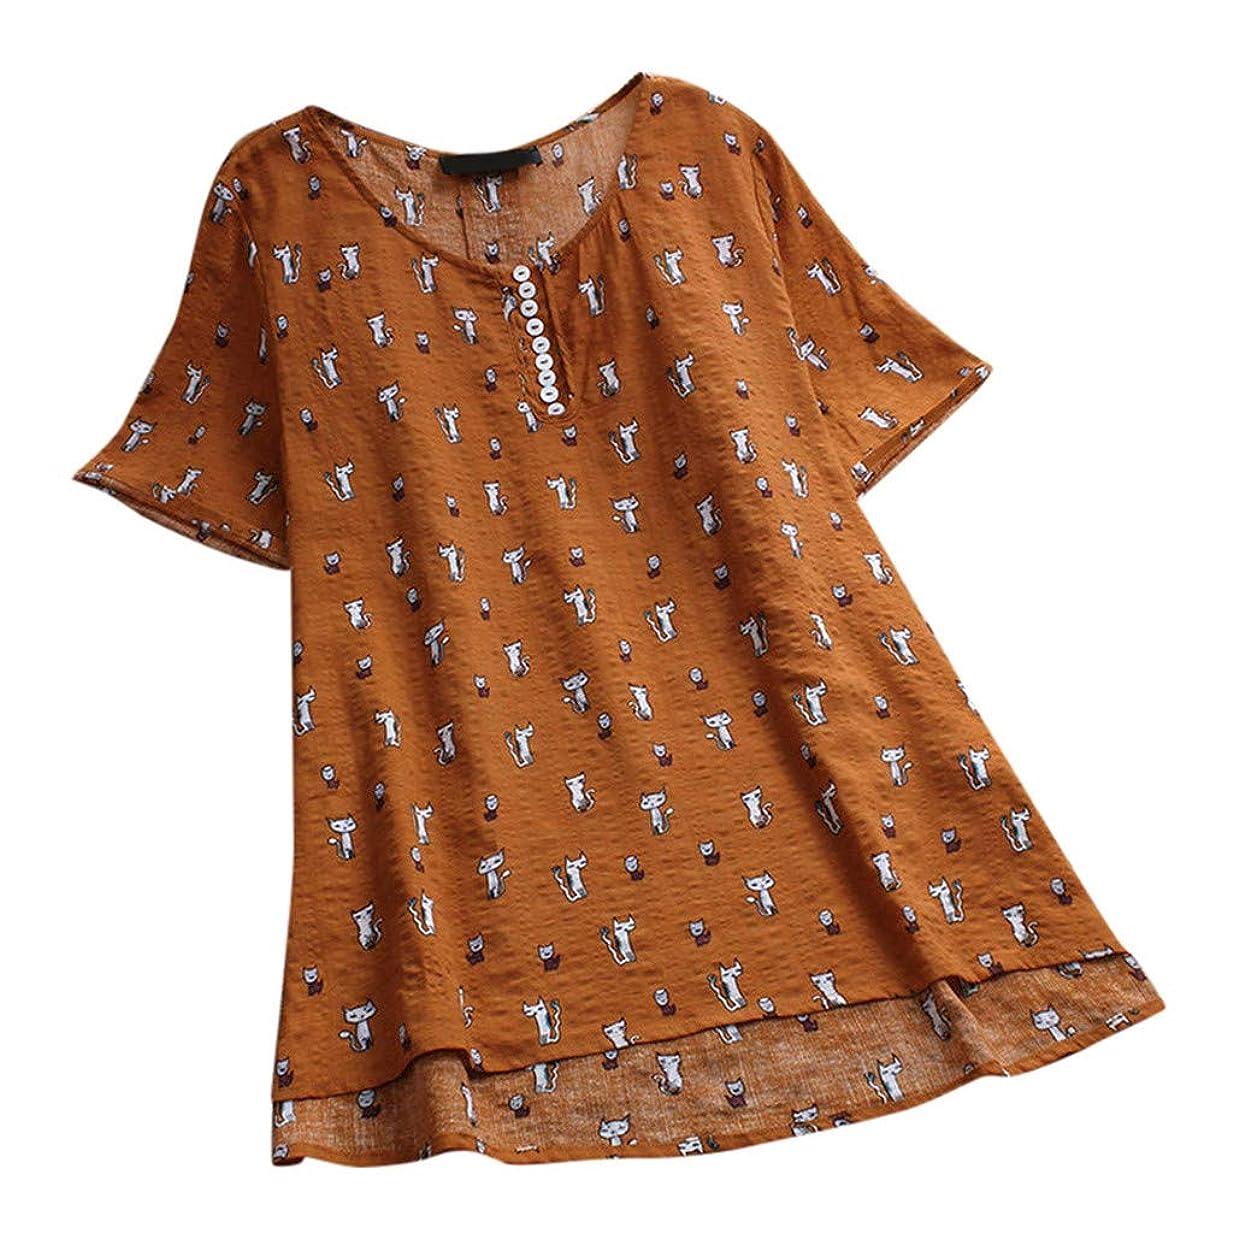 遡る郵便番号シールドレディース tシャツ プラスサイズ 半袖 丸首 猫プリント ボタン ビンテージ チュニック トップス 短いドレス ブラウス 人気 夏服 快適な 軽い 柔らかい かっこいい ワイシャツ カジュアル シンプル オシャレ 春夏秋 対応